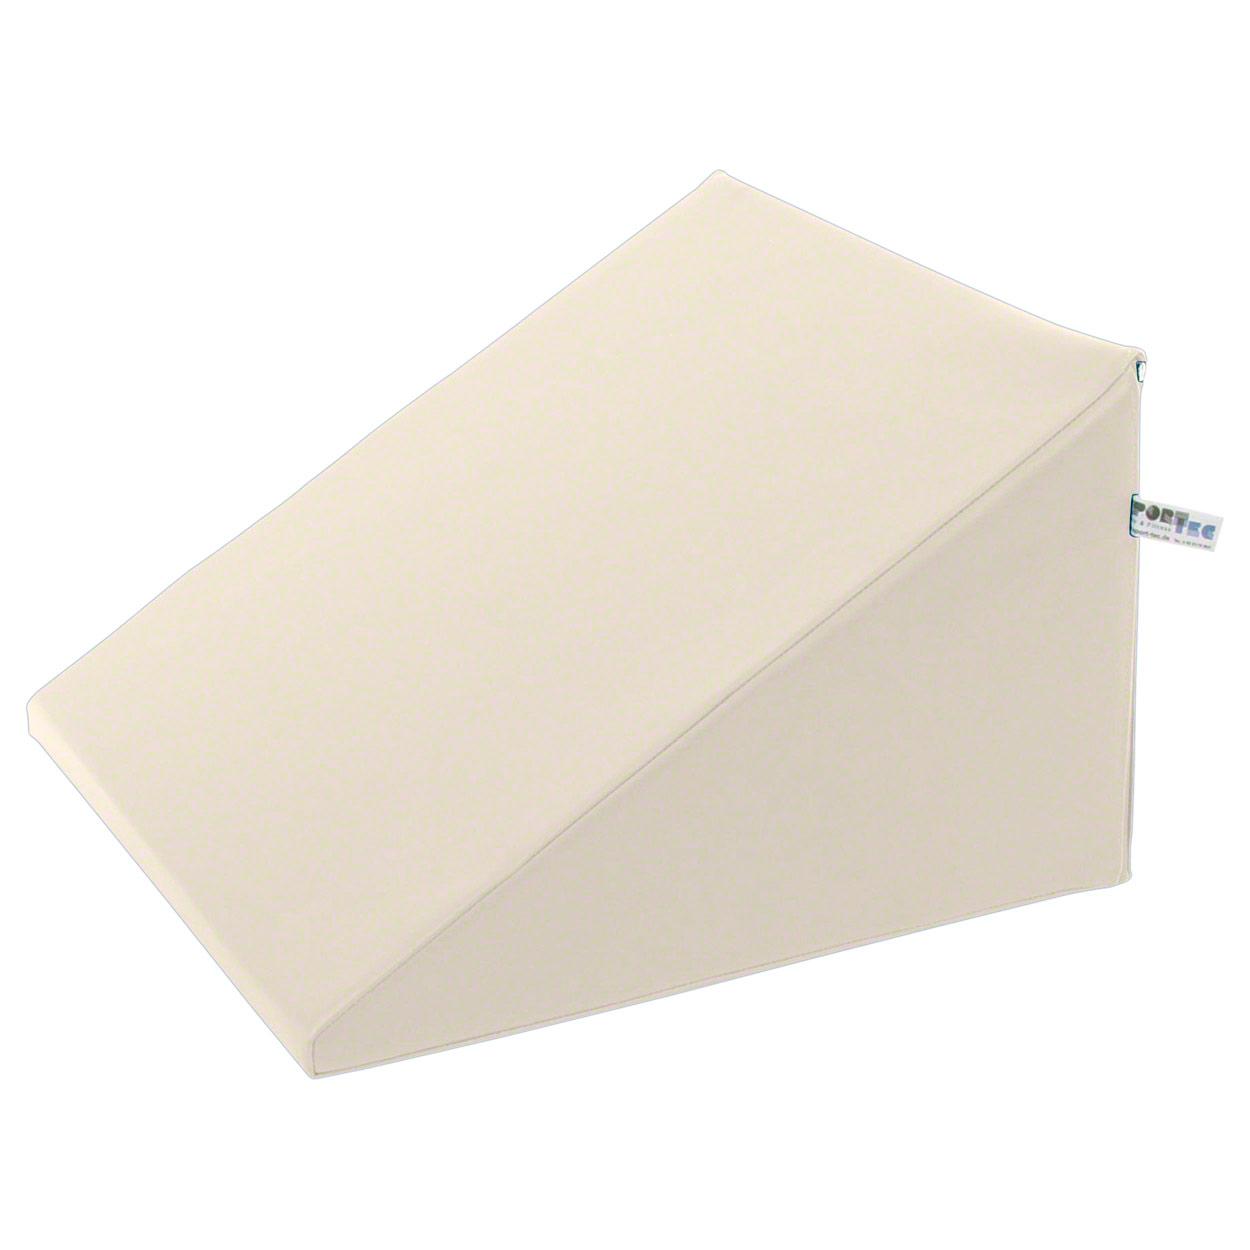 lagerungskeil lagerungskissen kopfkeil bettkeil mit kunstlederbezug 50x50 cm ebay. Black Bedroom Furniture Sets. Home Design Ideas